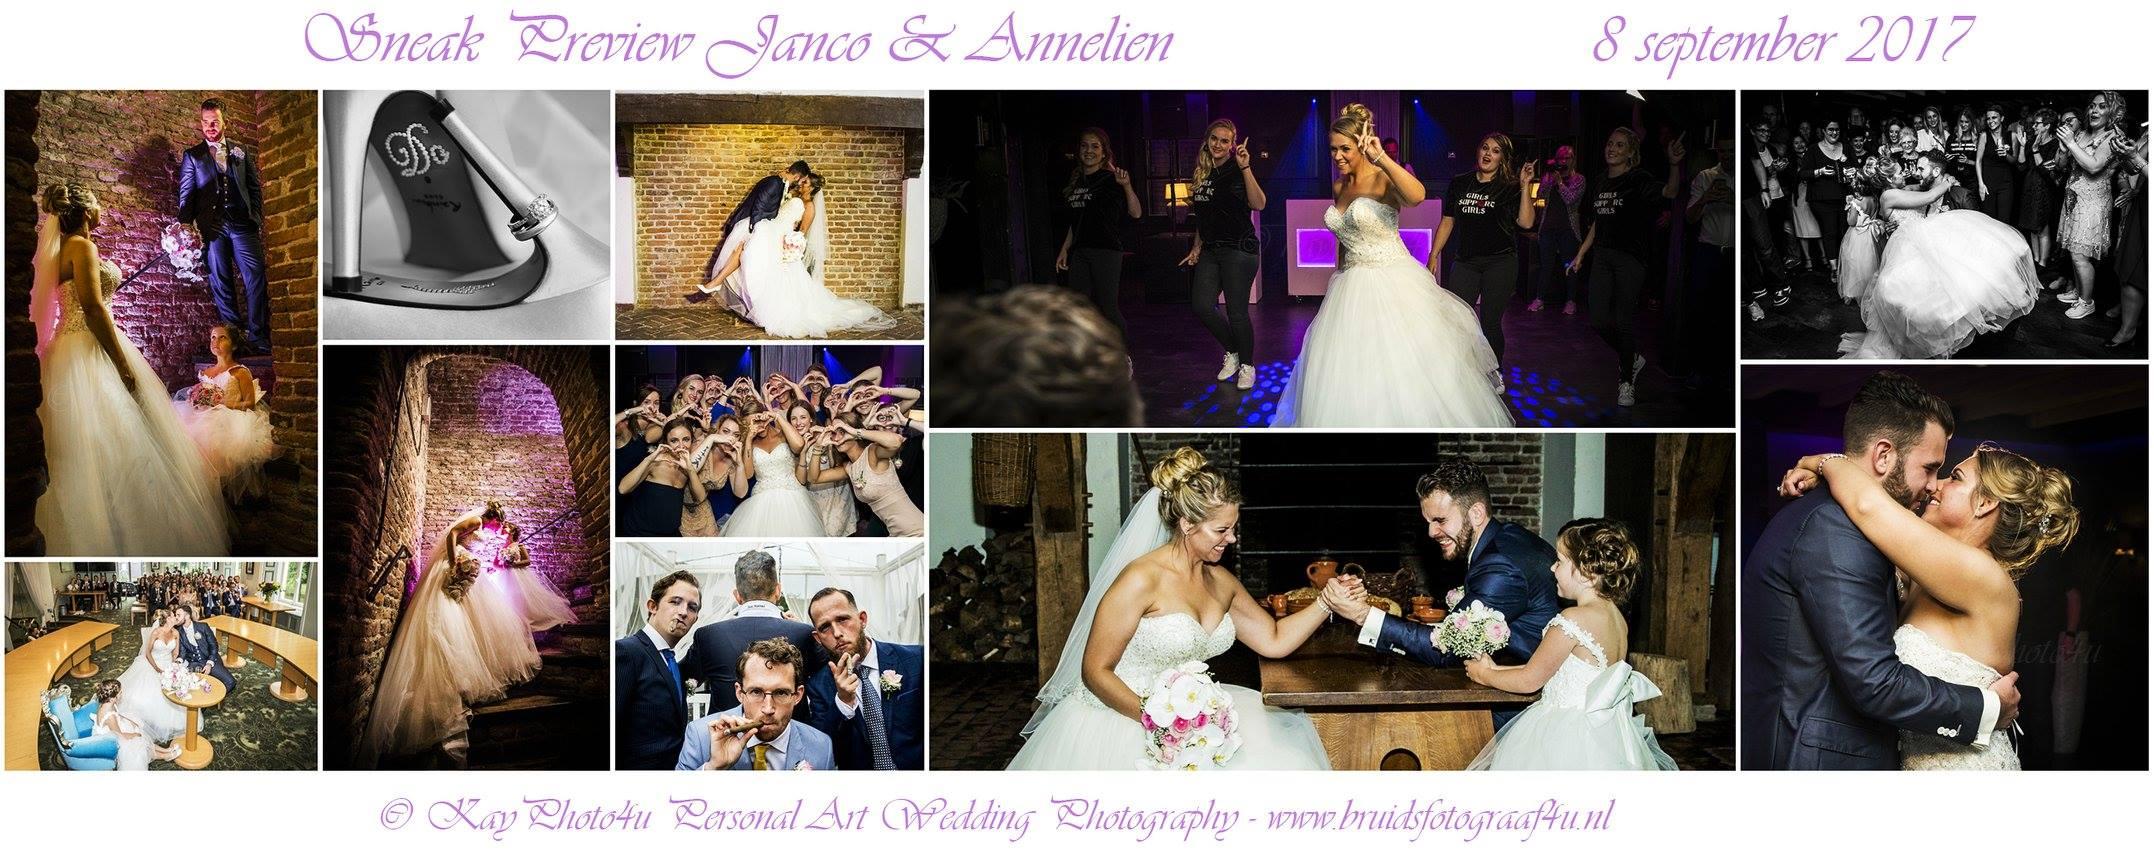 trouwreportage de 3 zussen meteren, trouwfotograaf, bruidsfotograaf4u.nl, bruidsfotograaaf4u. personalartwedding, personal art, bruidsfotograaf, ksyphoto4u, trouwfotografie, bruidsfotografie, trouwfotograaf, kayphoto4u, trouwen stadhuis neerijnen, trouwen meteren, trouwen slot loevestein, slot loevestein, bruidsreportage slot loevestein, trouwreportage slot loevestein, bruidsreportage meteren, trouwreportage neerijnen,, bruiloftreportage, bruiloft met kinderen, huwelij, huwelijk, trouwen, wedding, theperfectwedding, award trouwfotograaf, professioneel trouwfotograaf, creatieve trouwfotografie, trouwfotograaf amersfoort, trouwfotograaf utrecht, trouwfotograaf ermelo, trouwfotograaf arnhem, trouwfotograaf lelystad, trouwfotograaf amsterdam, trouwfotograaf apeldoorn, bruidsfotograaf utrecht, bruidsfotograaf amersfoort, bruidsfotograaf ermelo, bruidsfotograaf anrhem, bruidsfotograaf neerijnen, trouwfotograaf neerijnen, trouwfotograaf meteren, trouwfotograaf zaltbommel, bruiloft slot loevestein, huwelijk slot loevestein, kayphoto4u personal art wedding, wedding photographer, wedding photography, award winning wedding photographer